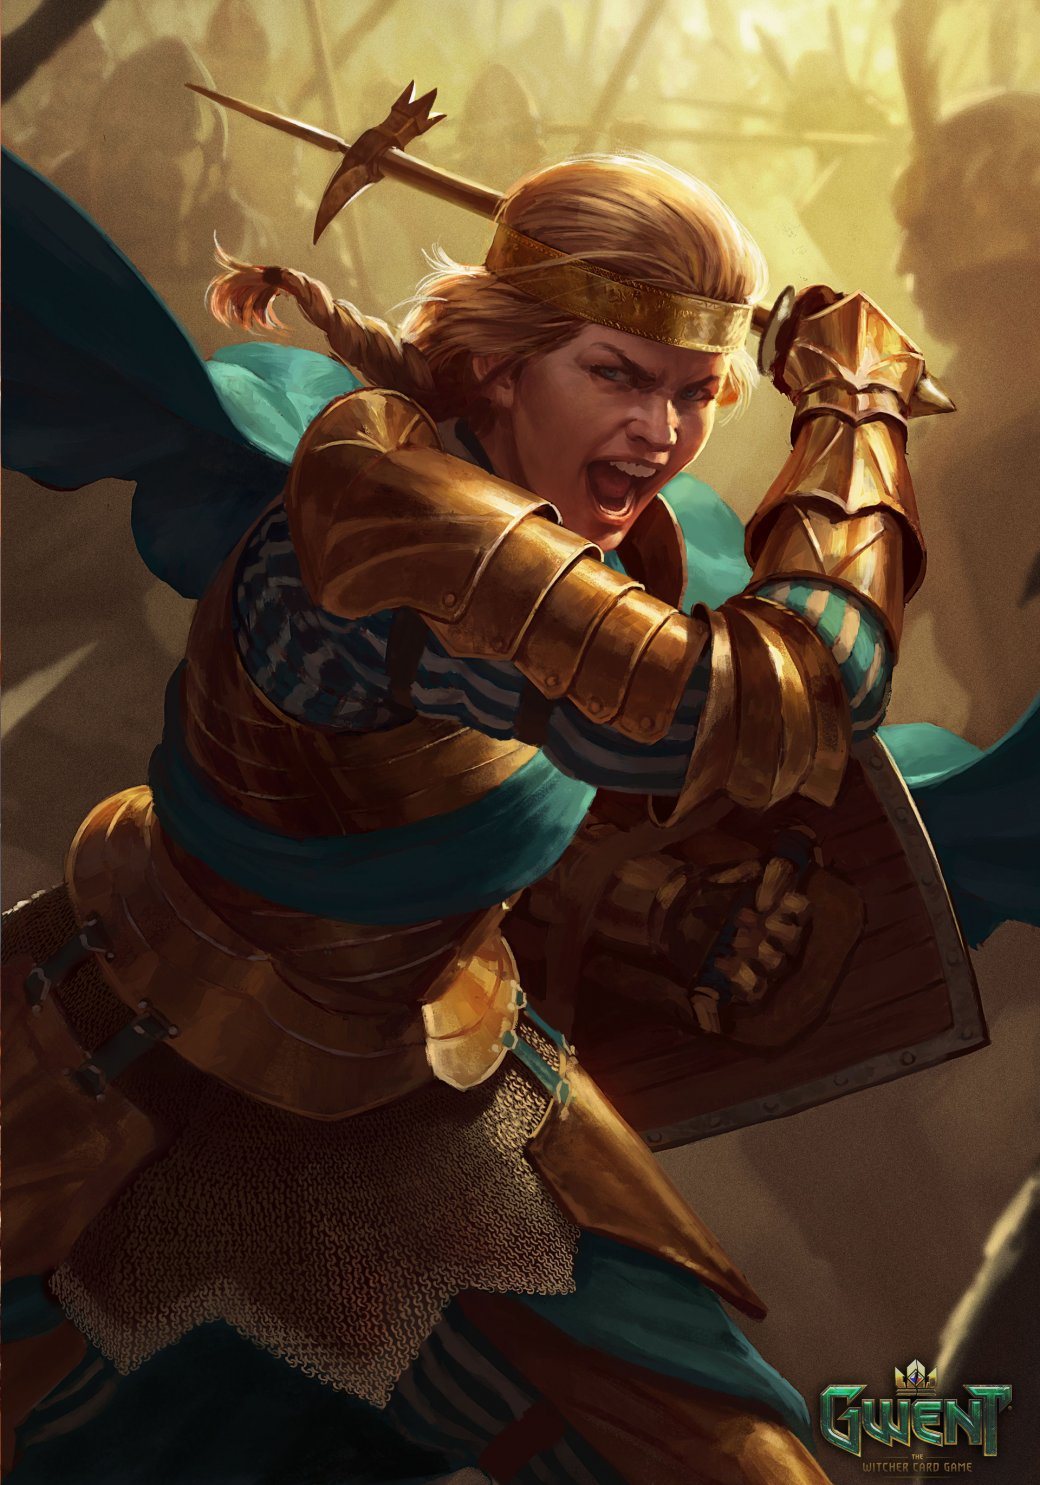 Геймеры вспомнили самых крутых иотважных женских персонажей извидеоигр | Канобу - Изображение 3869